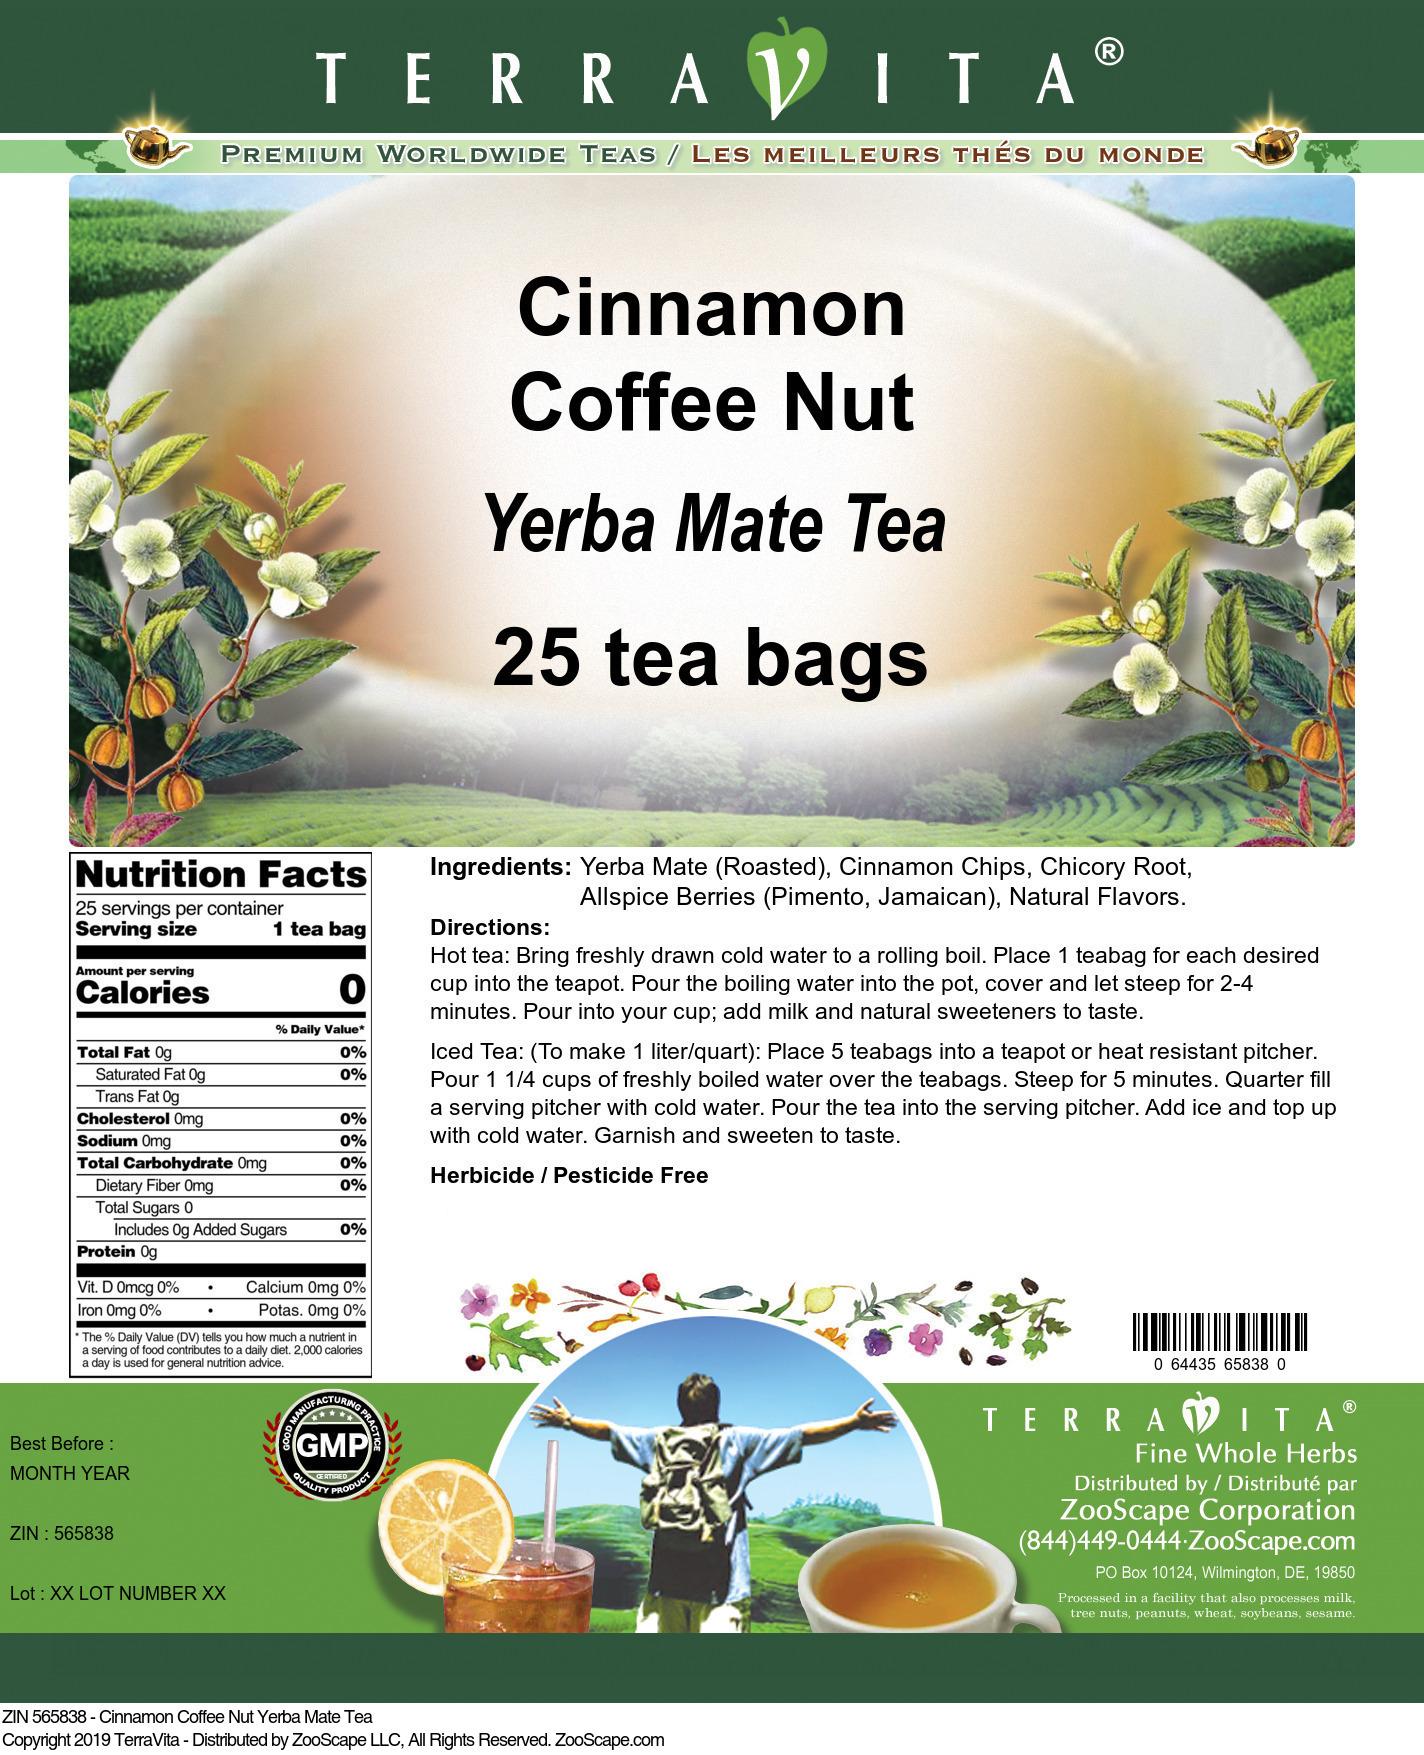 Cinnamon Coffee Nut Yerba Mate Tea